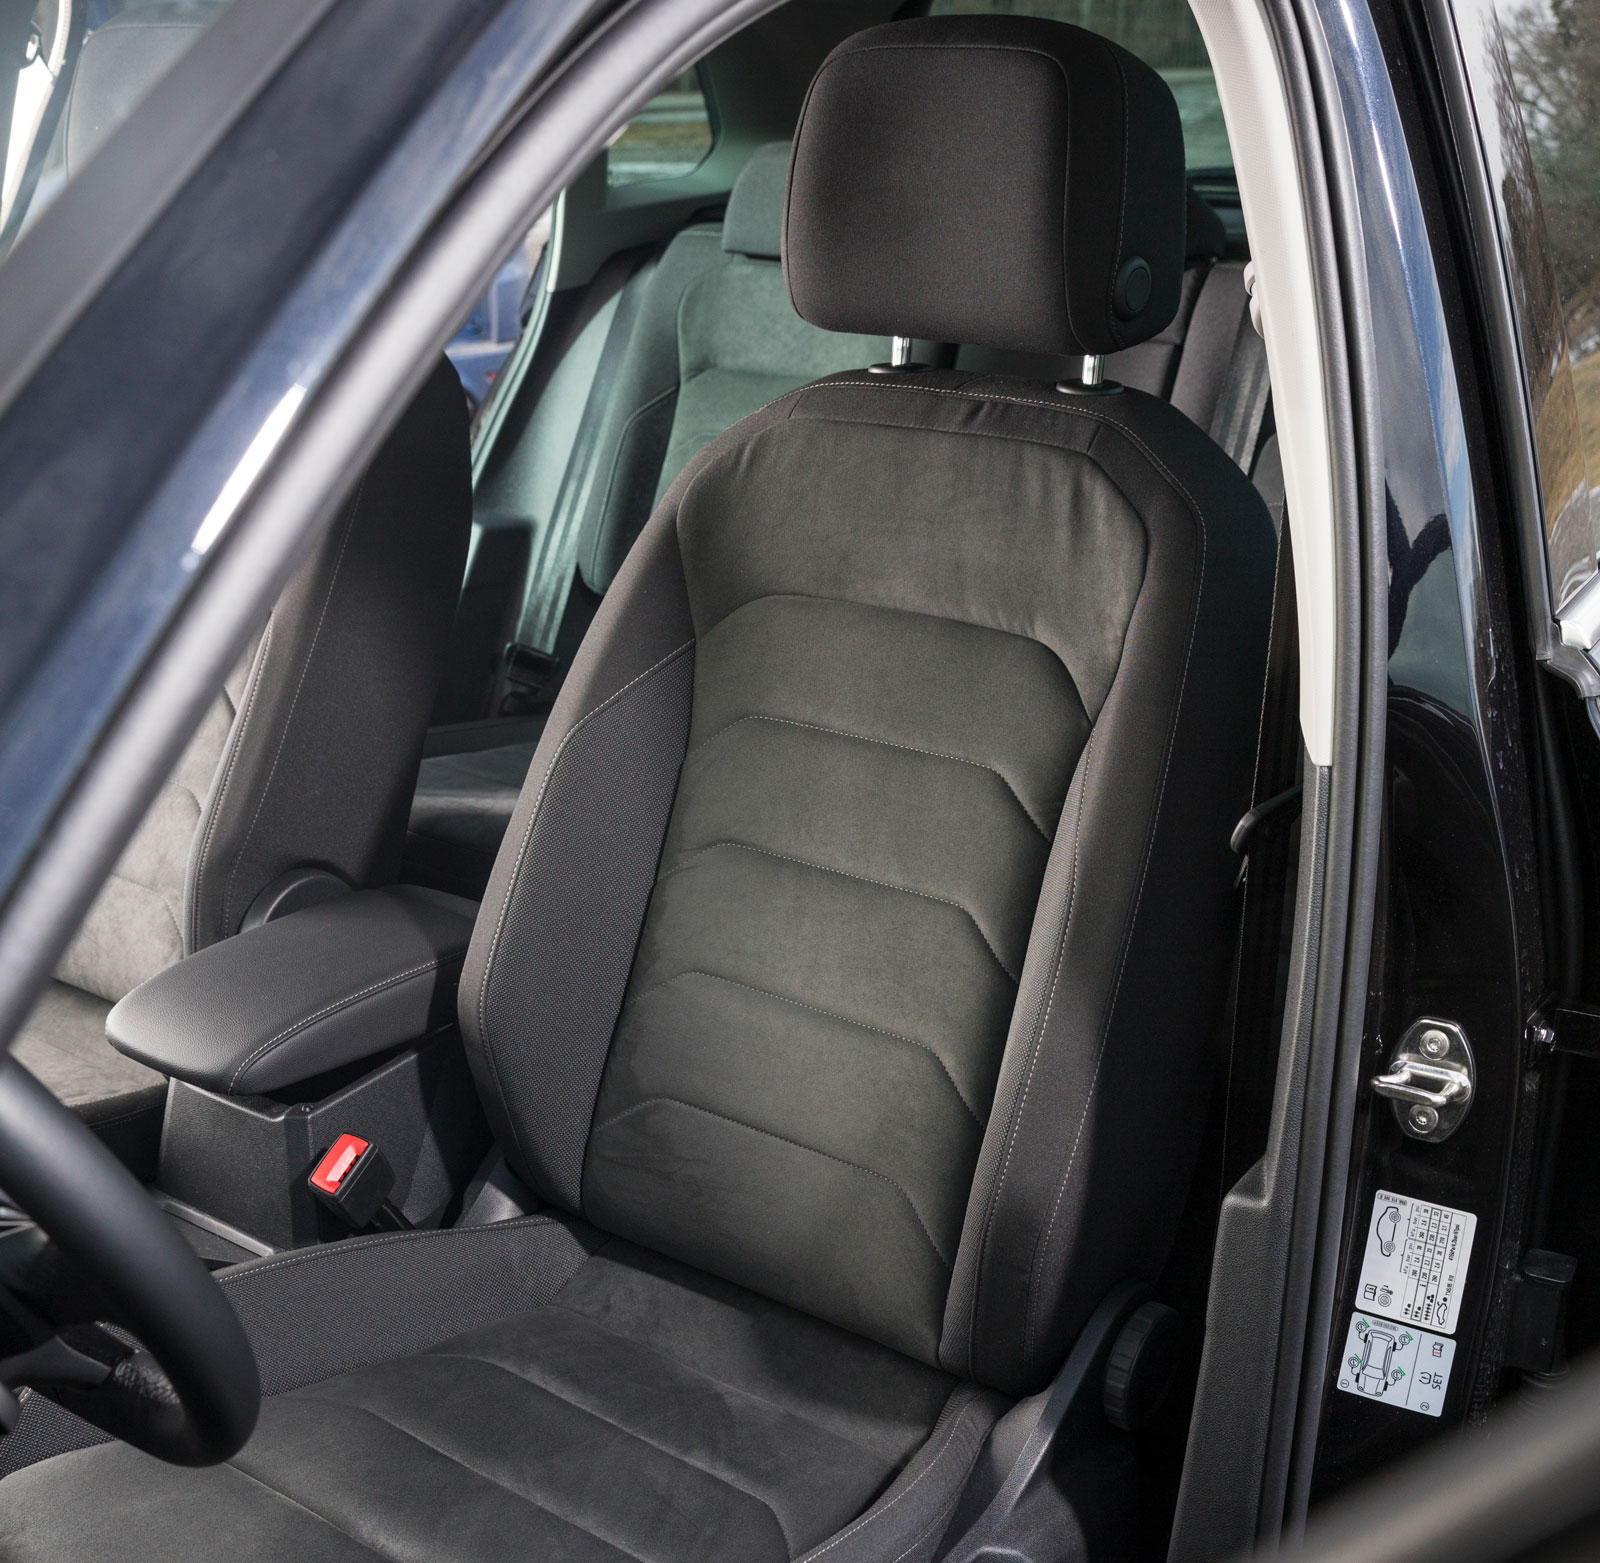 Testbilen hade en ganska platt stol med skönt, strävt tyg och massagefunktion – men inte eljustering. Udda kombination.